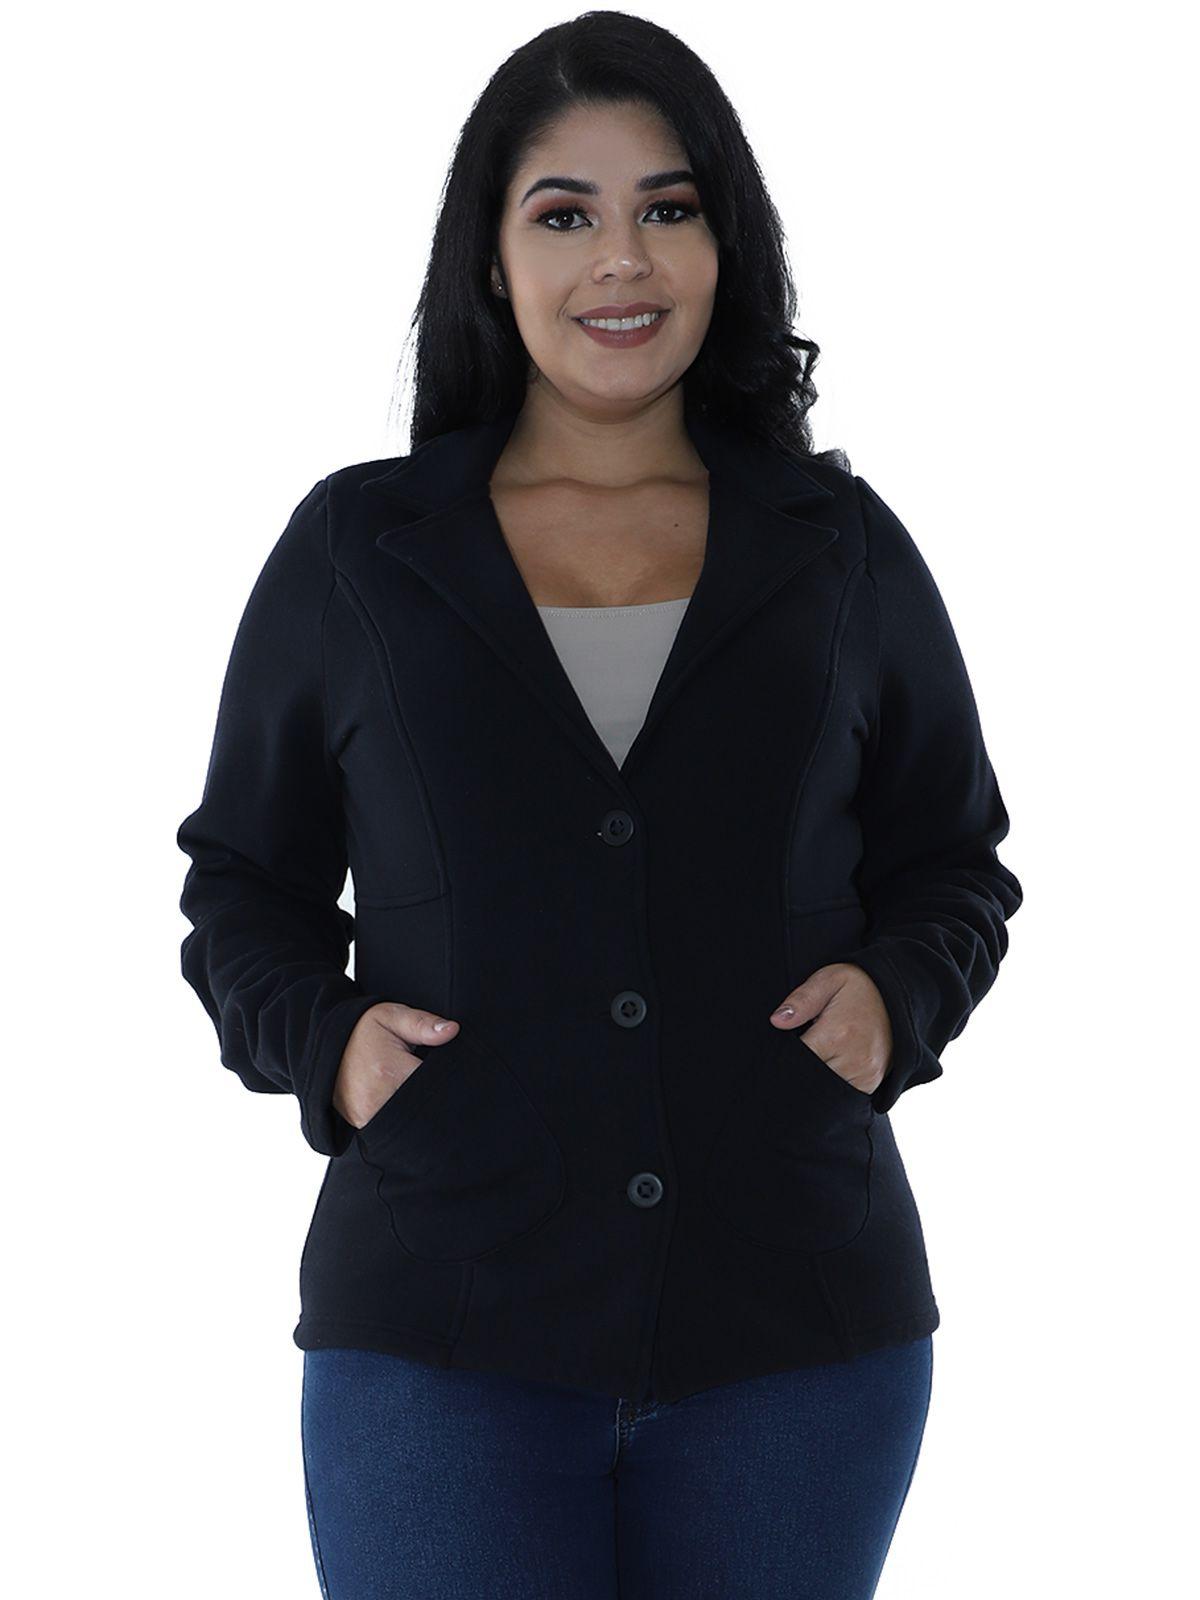 Casaco Plus Size de Moletom com Recortes Preto